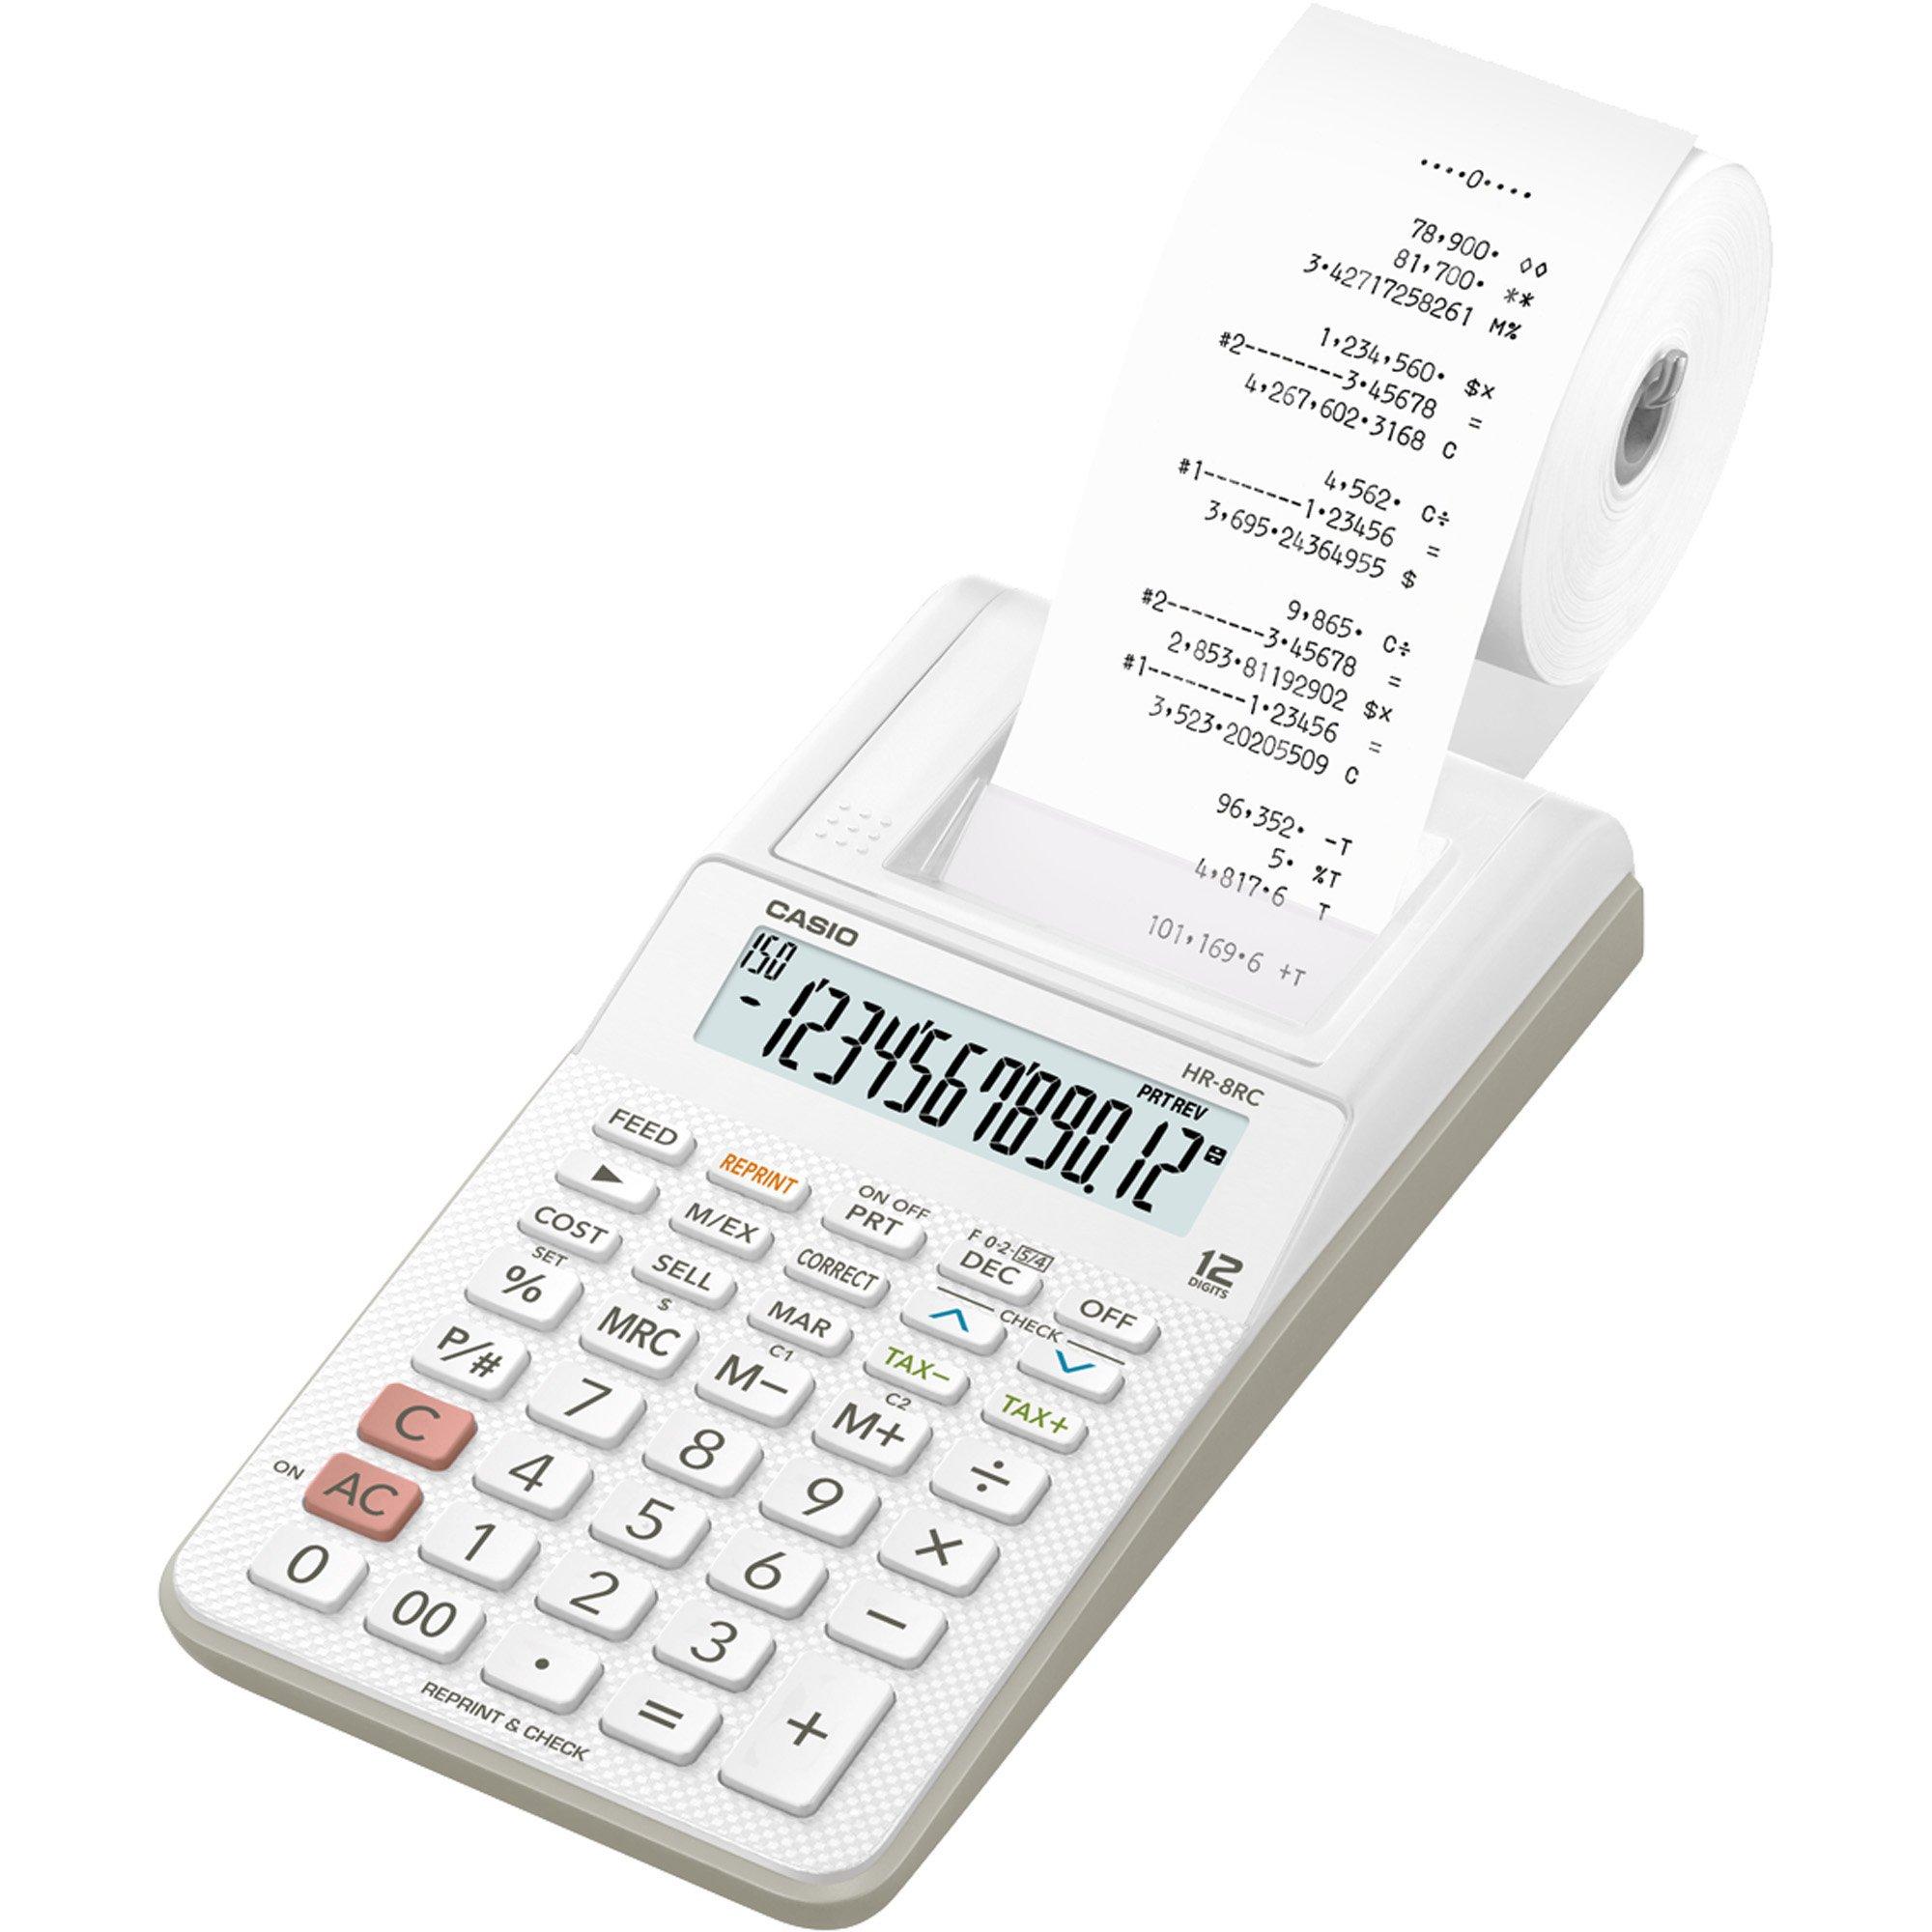 calculadora com bobina surpreendente casio hr 8rc we b dc branca 12 digitos 45475 2000 193767